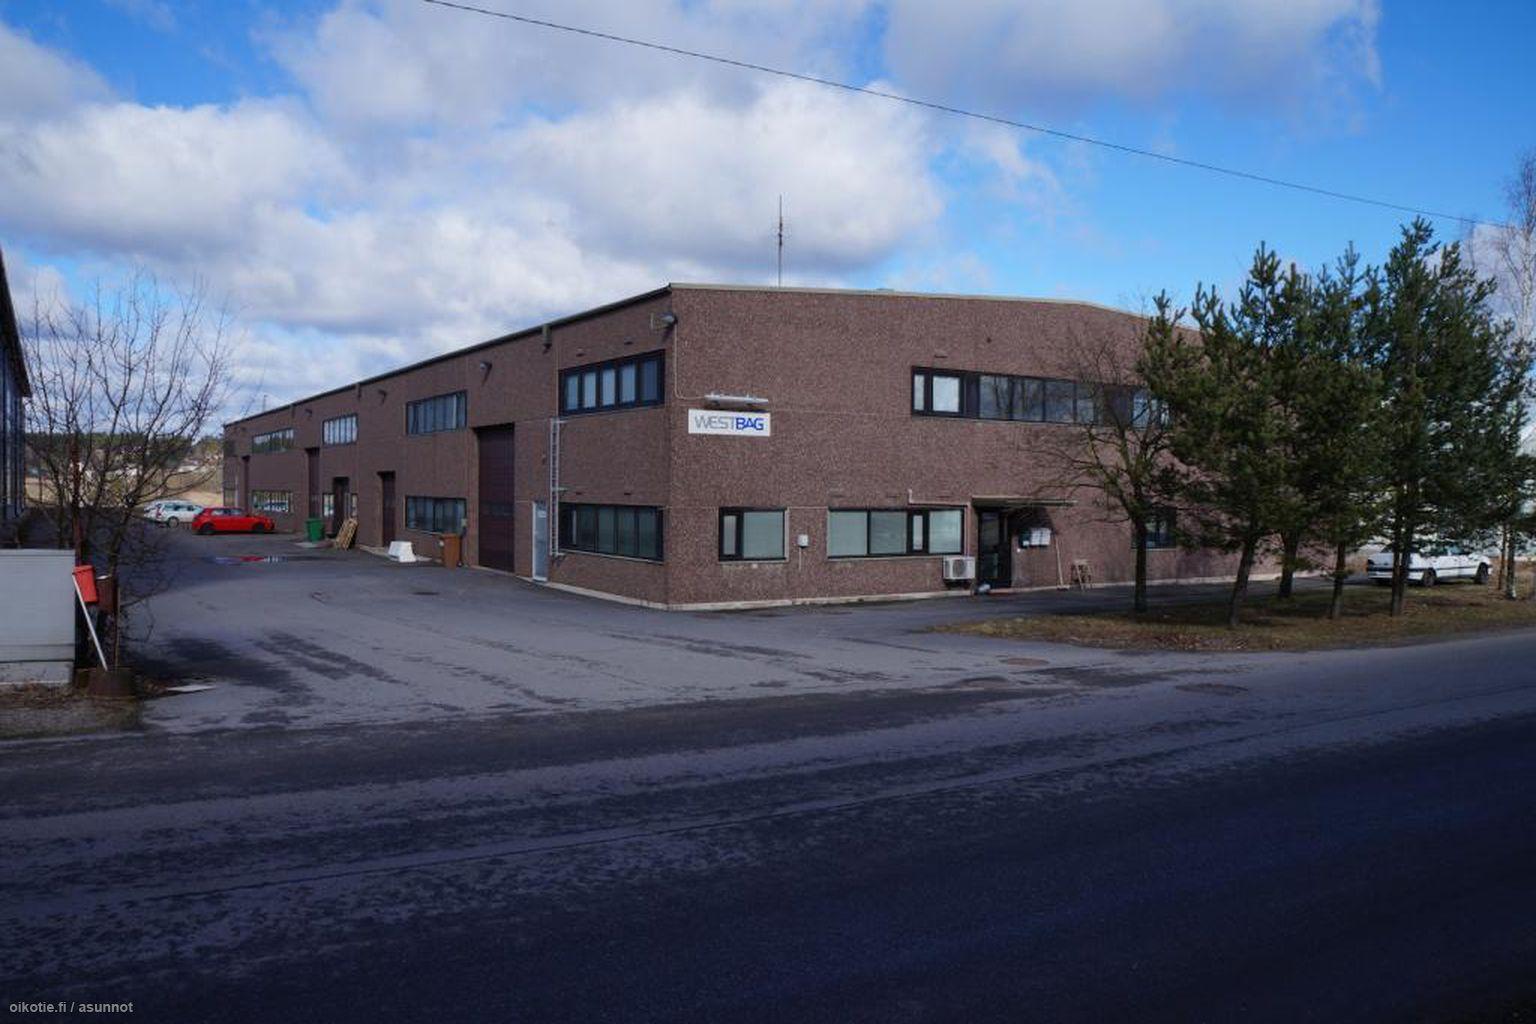 110 m² Kaviokuja 3, 20380 Turku Toimistotila vuokrattavana - Oikotie 7081083